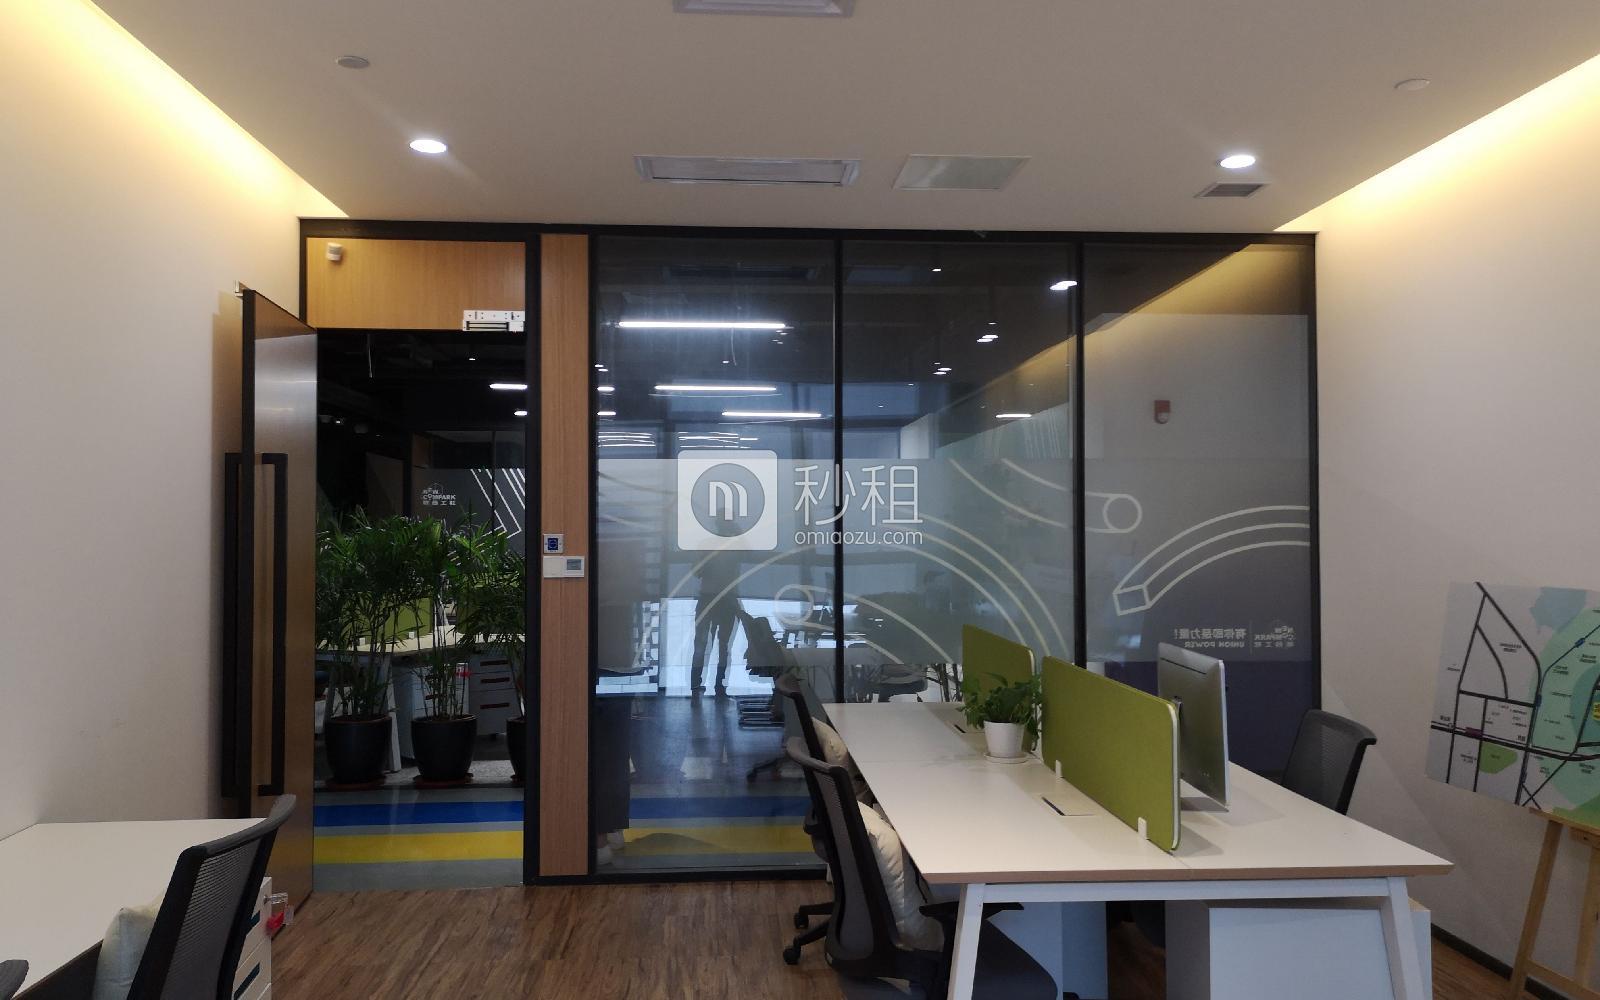 u&p联合工社-新视艺创客公园写字楼出租40平米精装办公室2000元/m.月